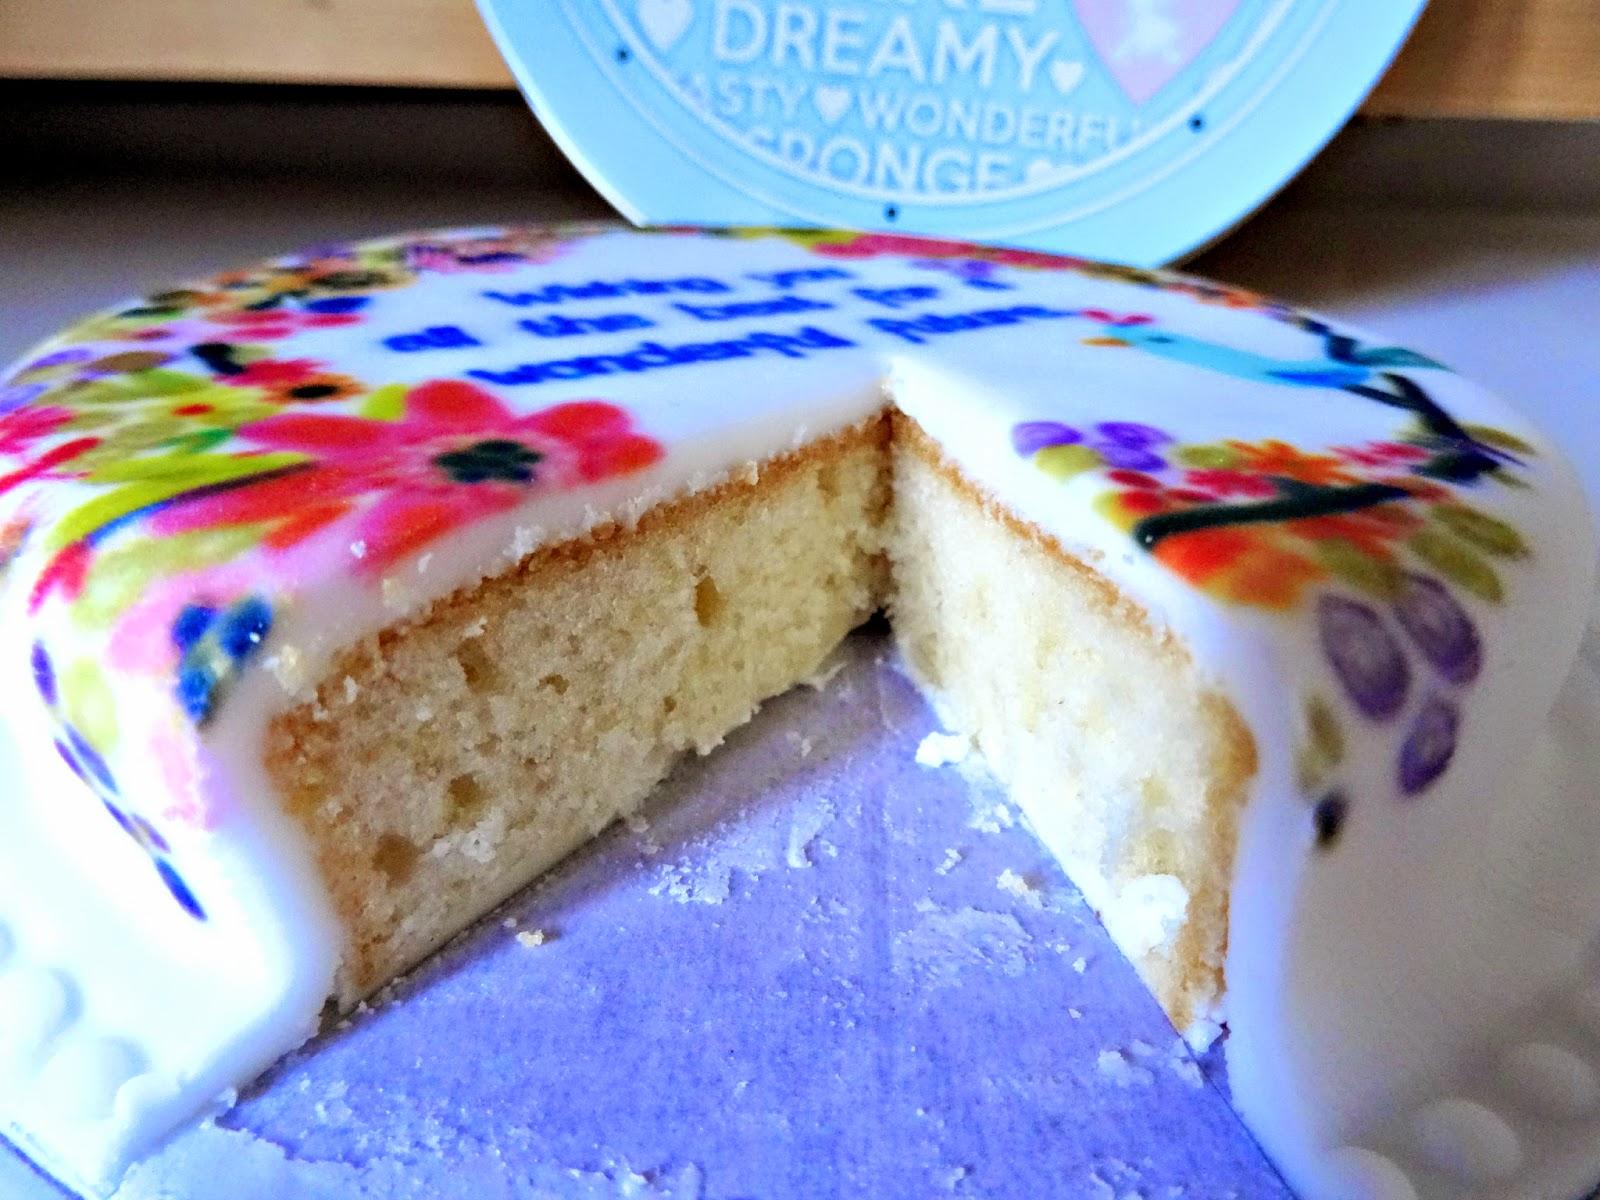 Cake for blog birthday